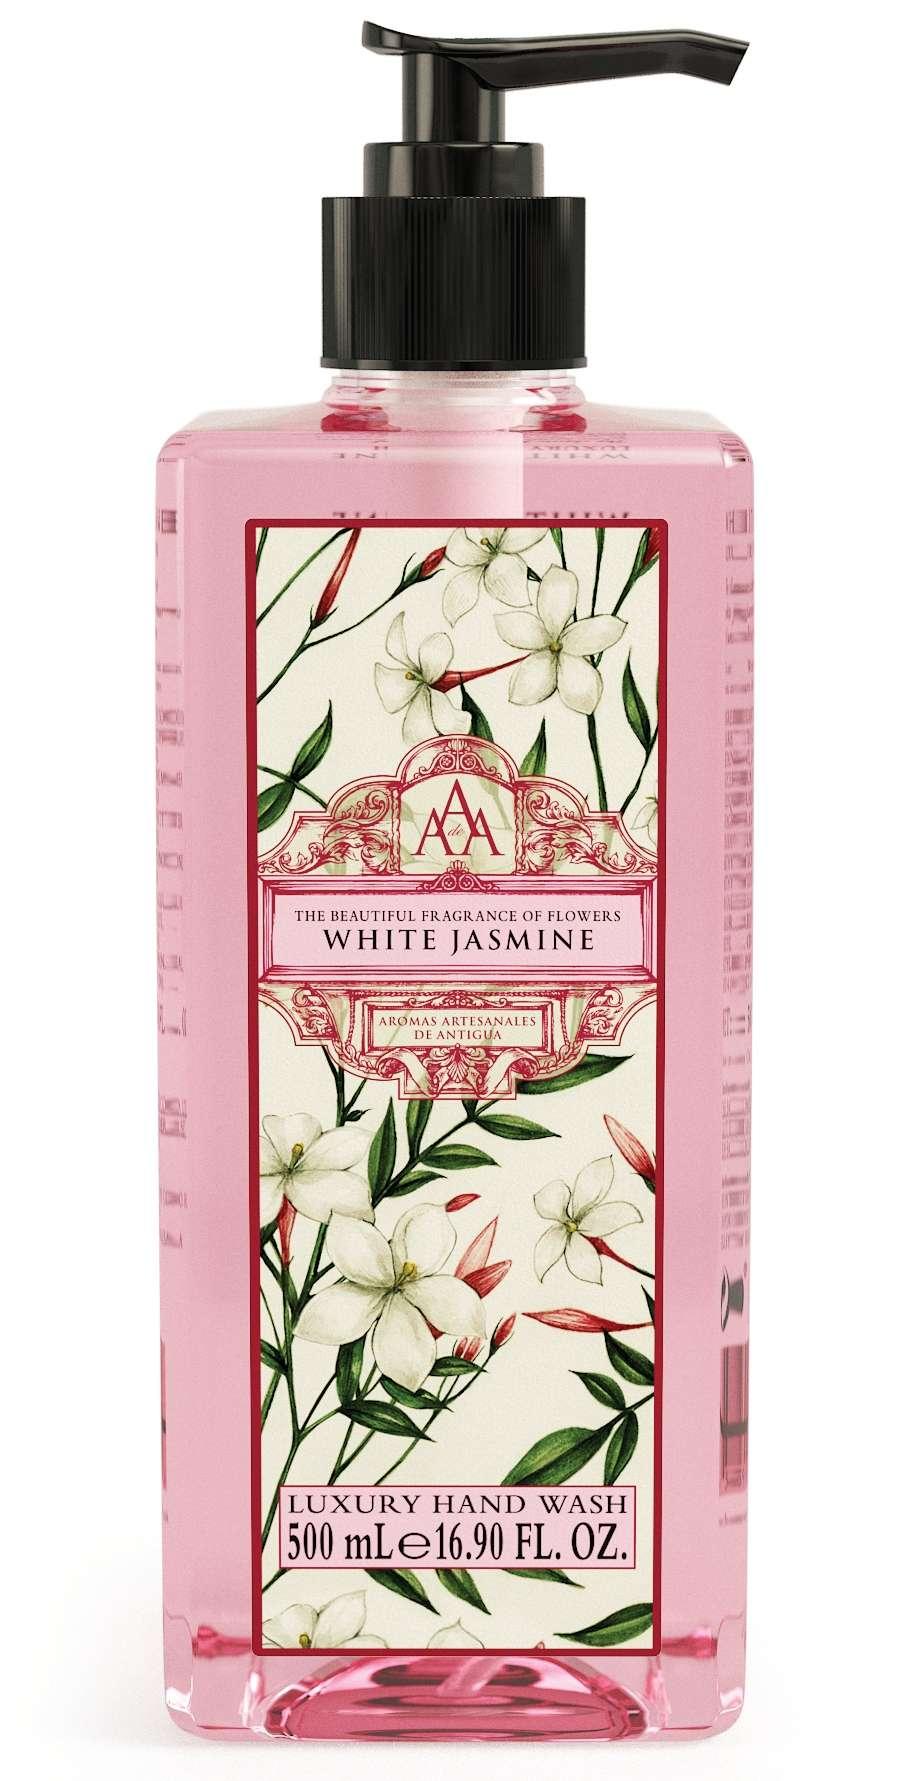 AAA White Jasmine hand wash